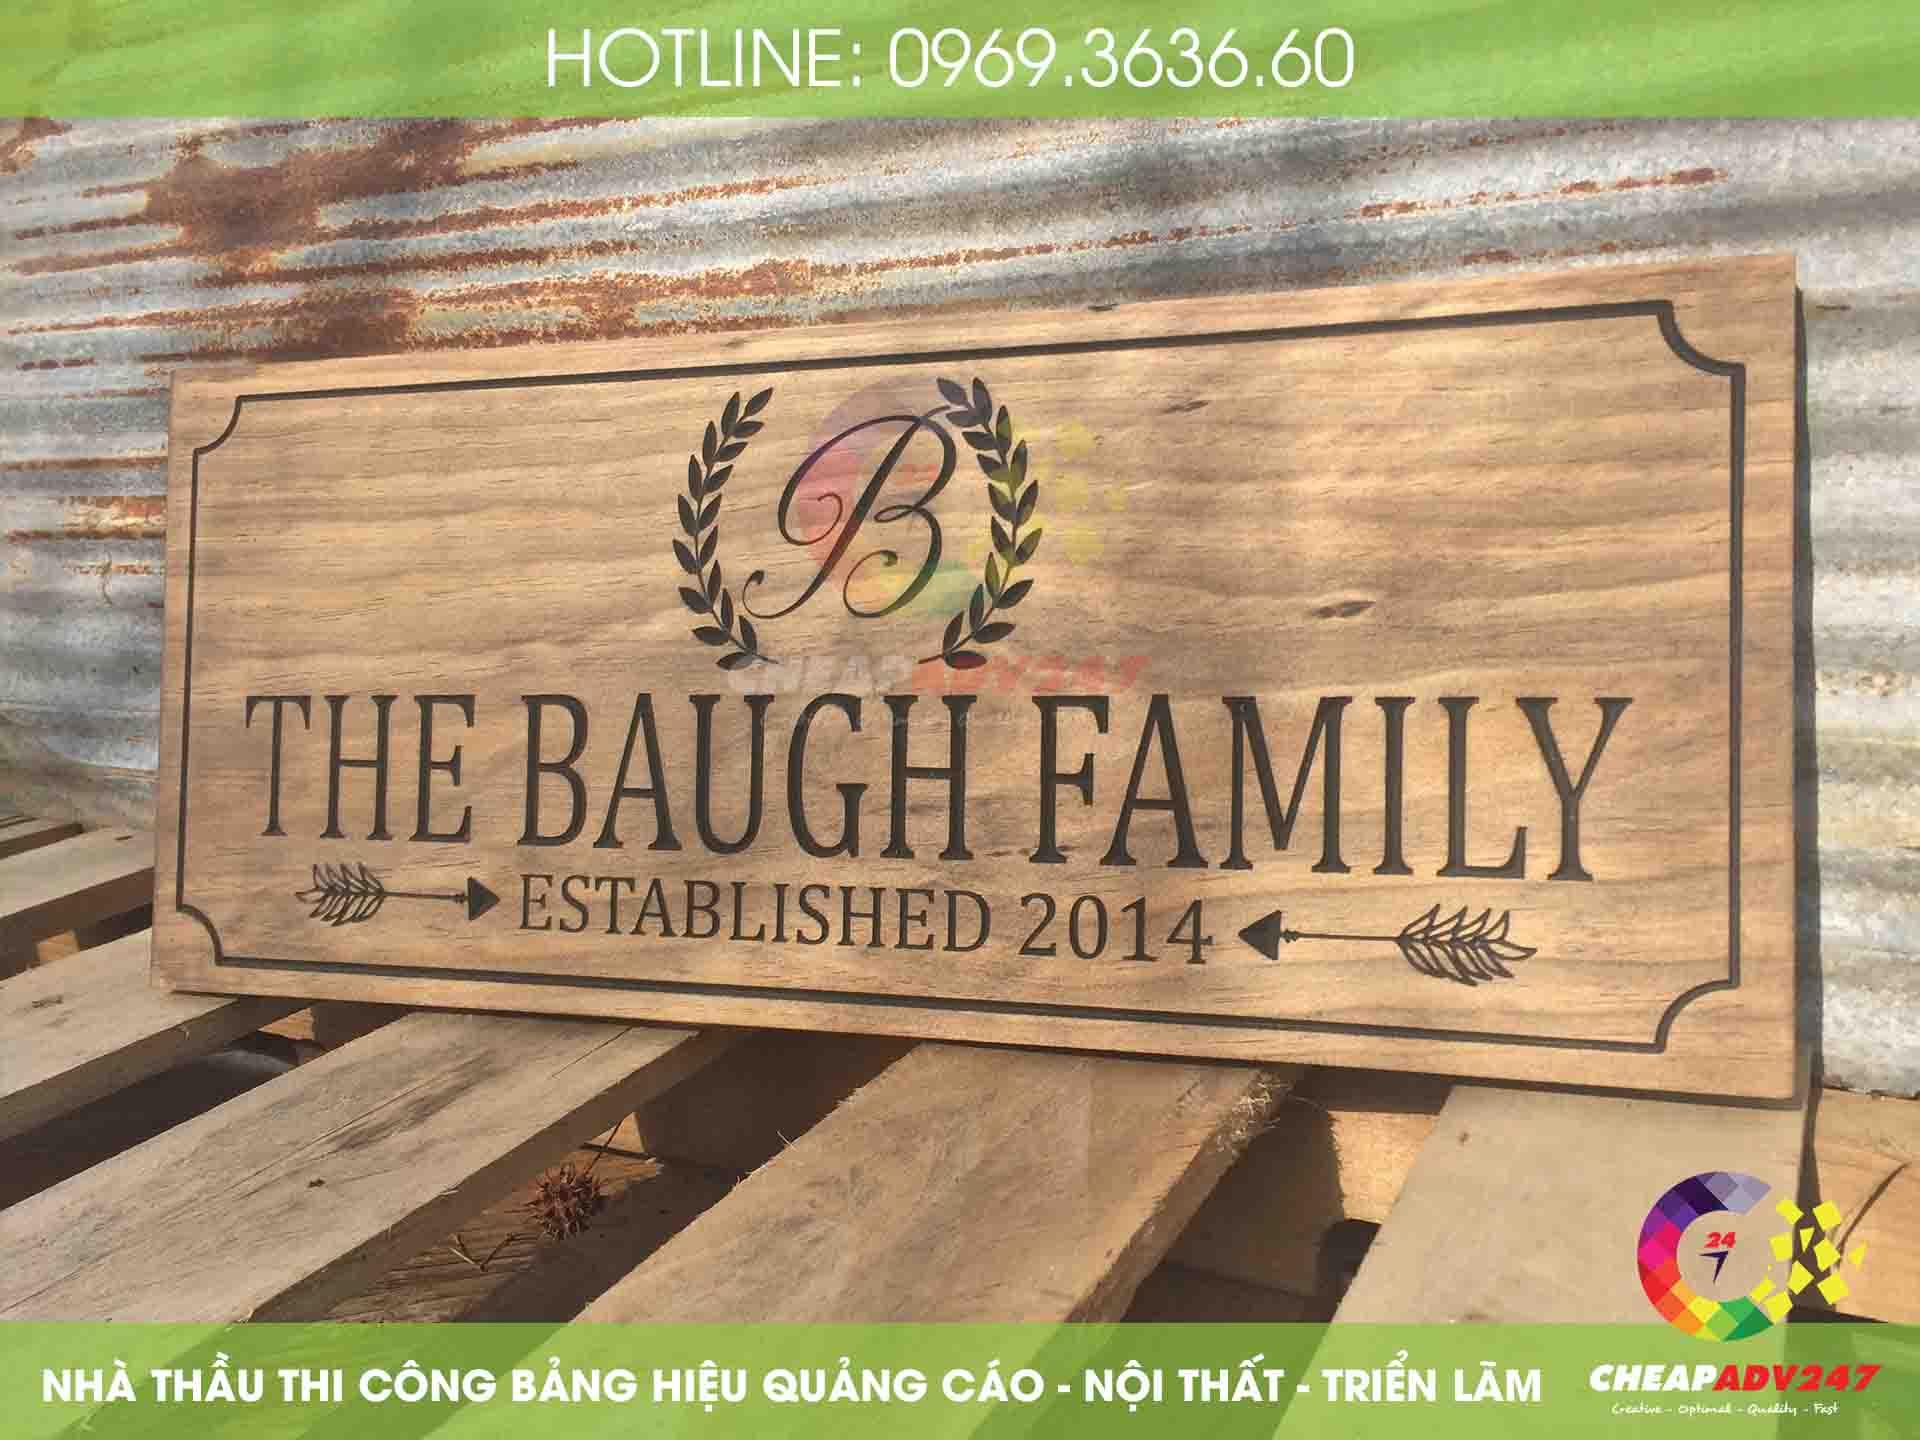 ảnh bảng hiệu chữ gỗ tại cheapadv247